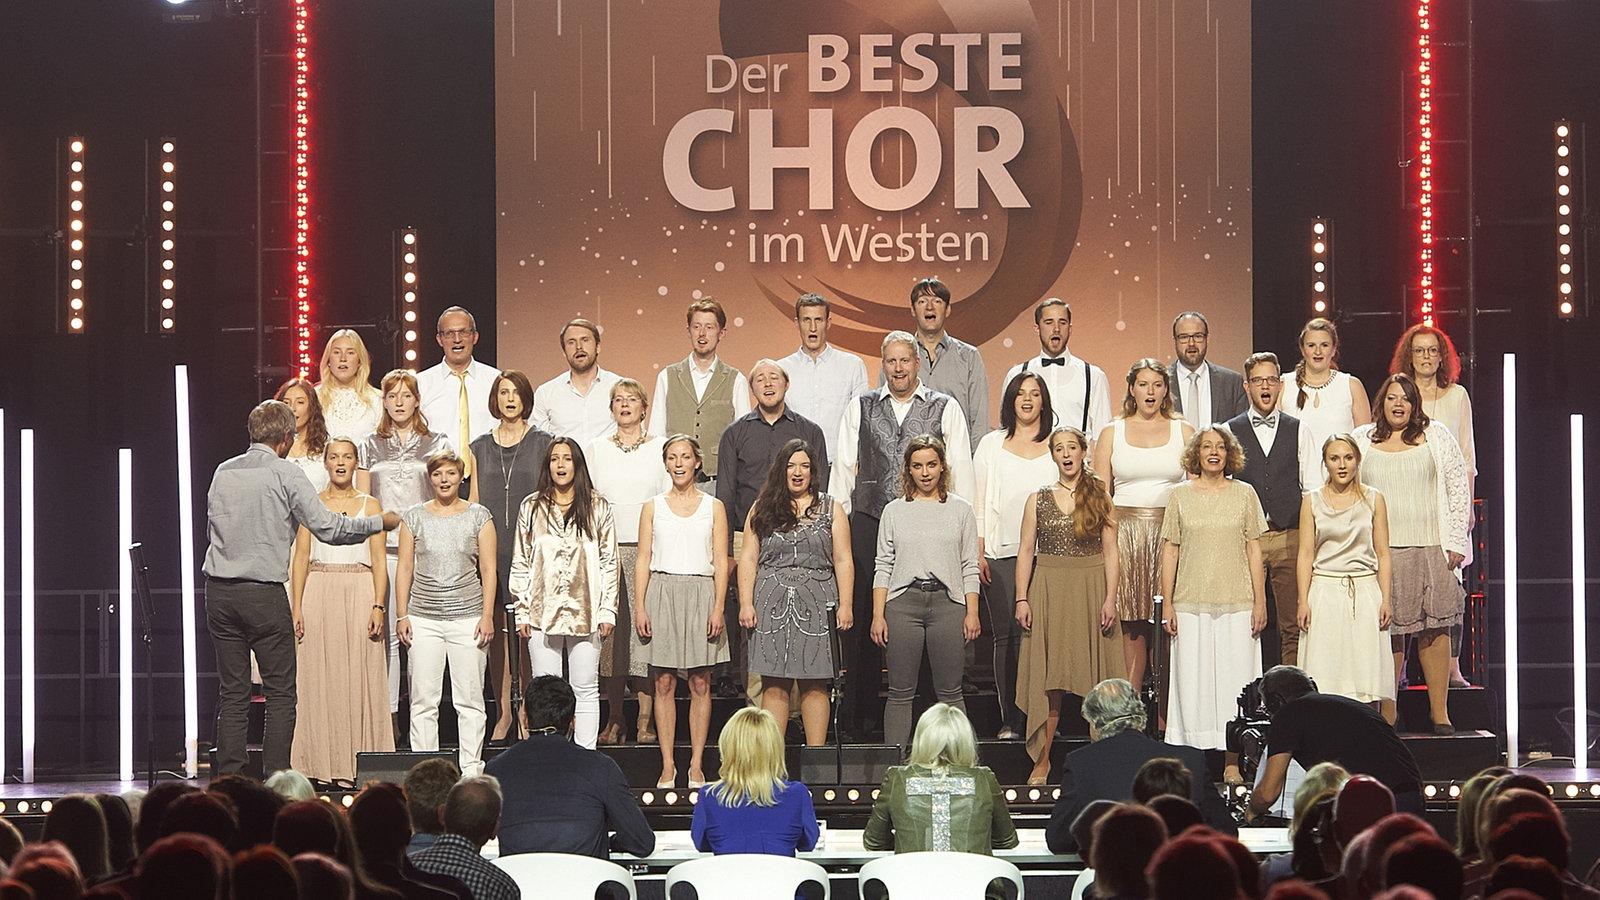 Choeur Eurovision 2019 : à la découverte de BonnVoice